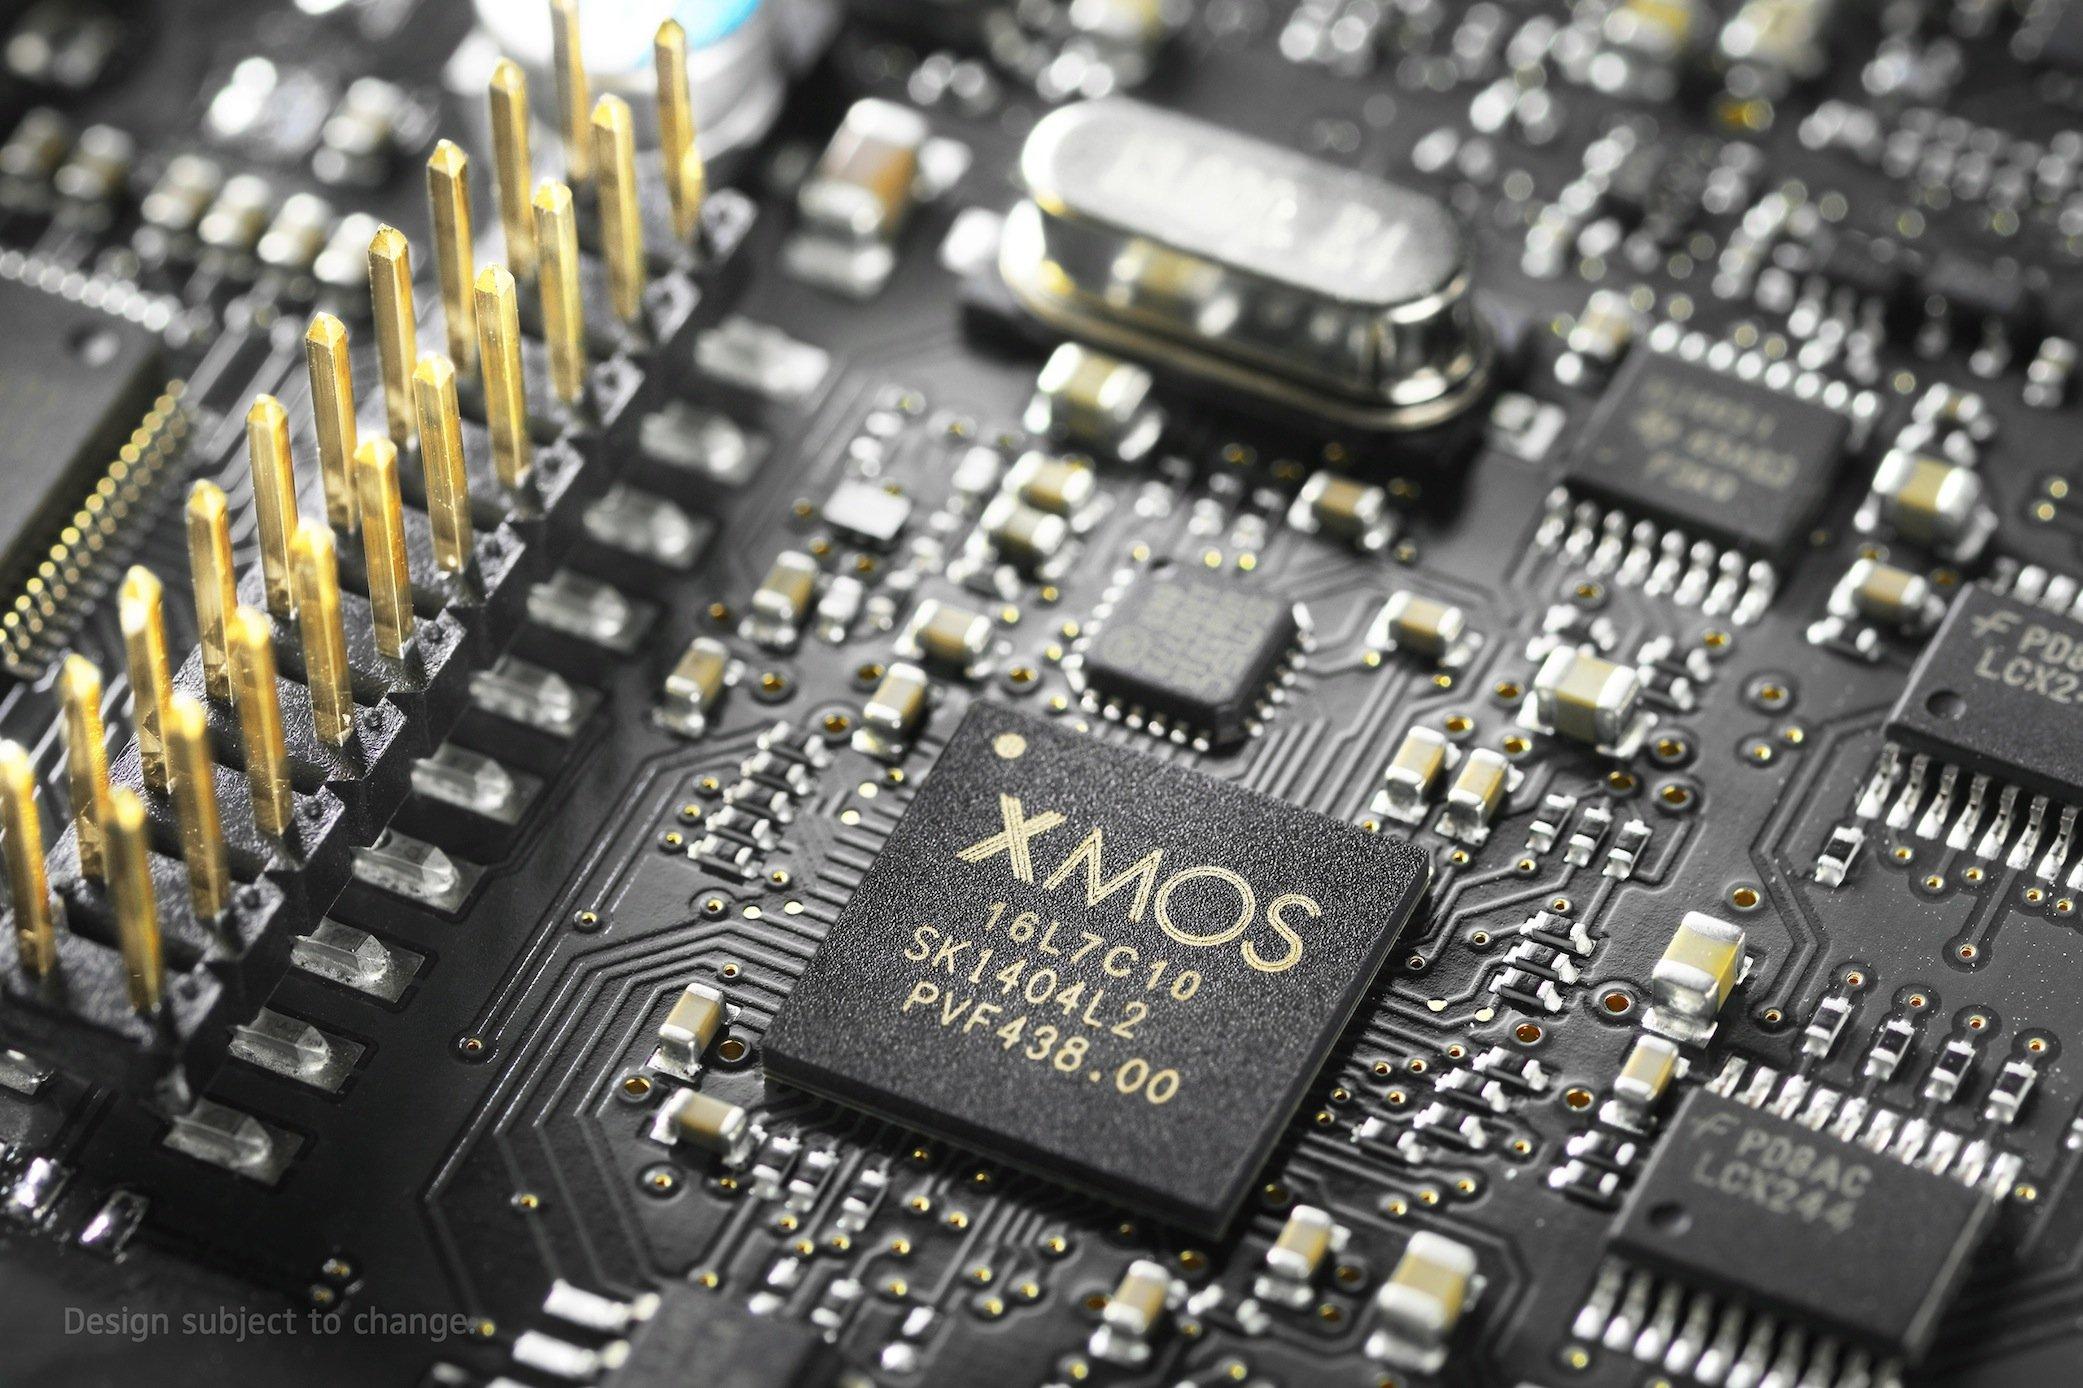 Der Verstärker des Sennheiser Orpheus vereint Röhren- und Transistorverstärker.Das Schaltkreis-Design ist zum Patent angemeldet.